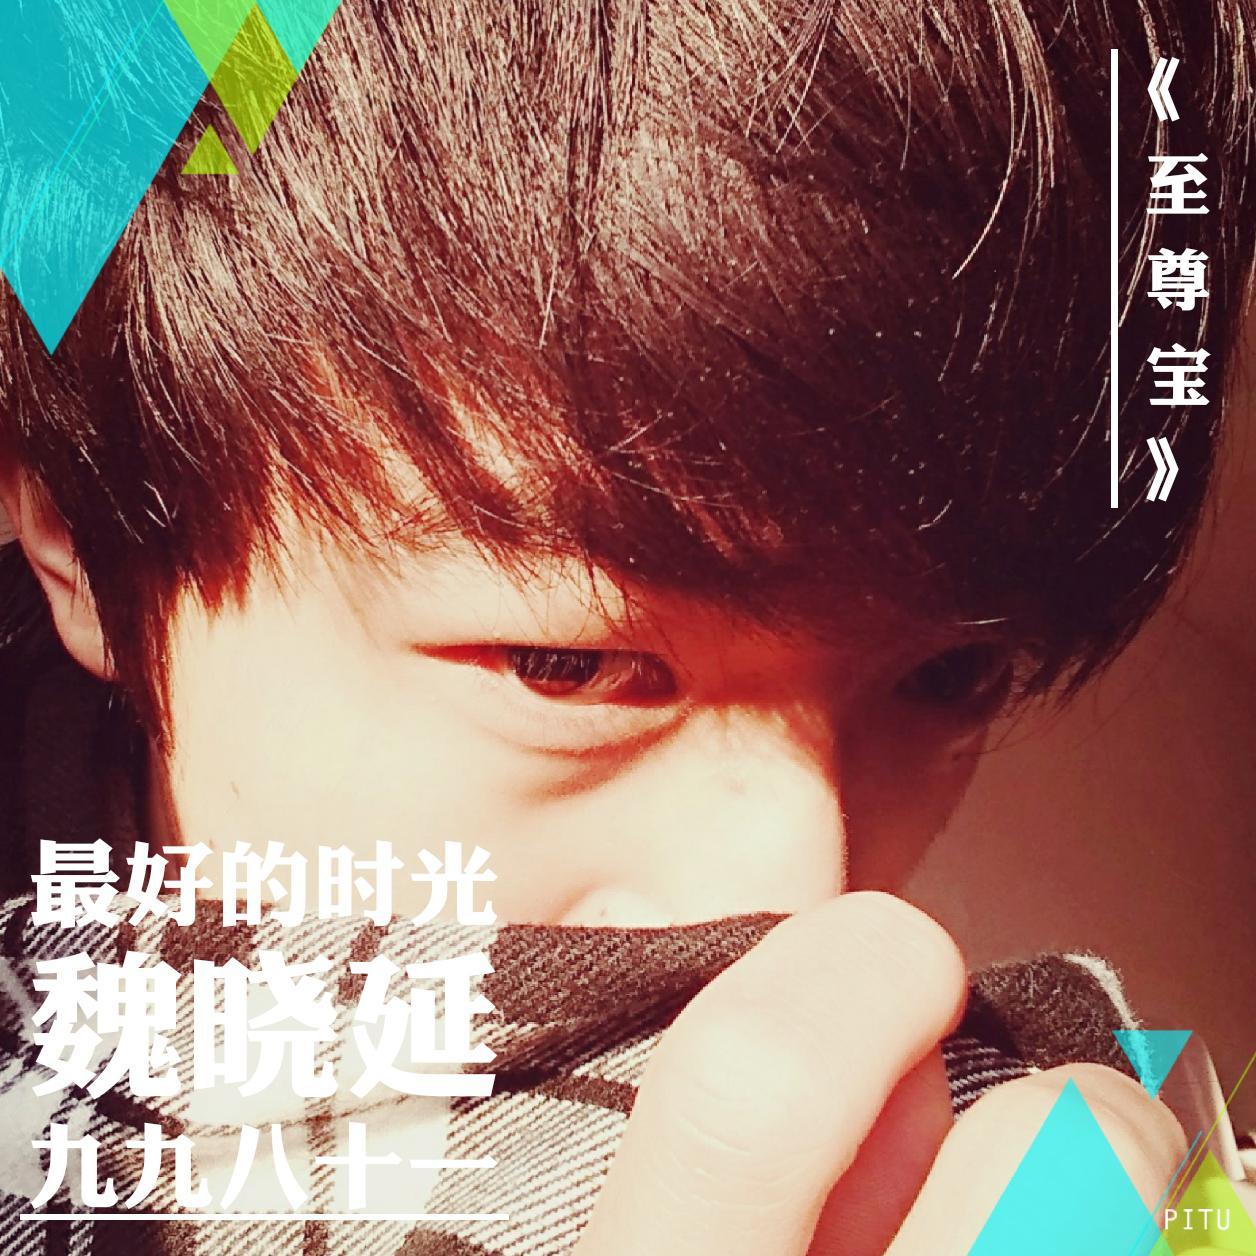 行者(cover 蒋龙)